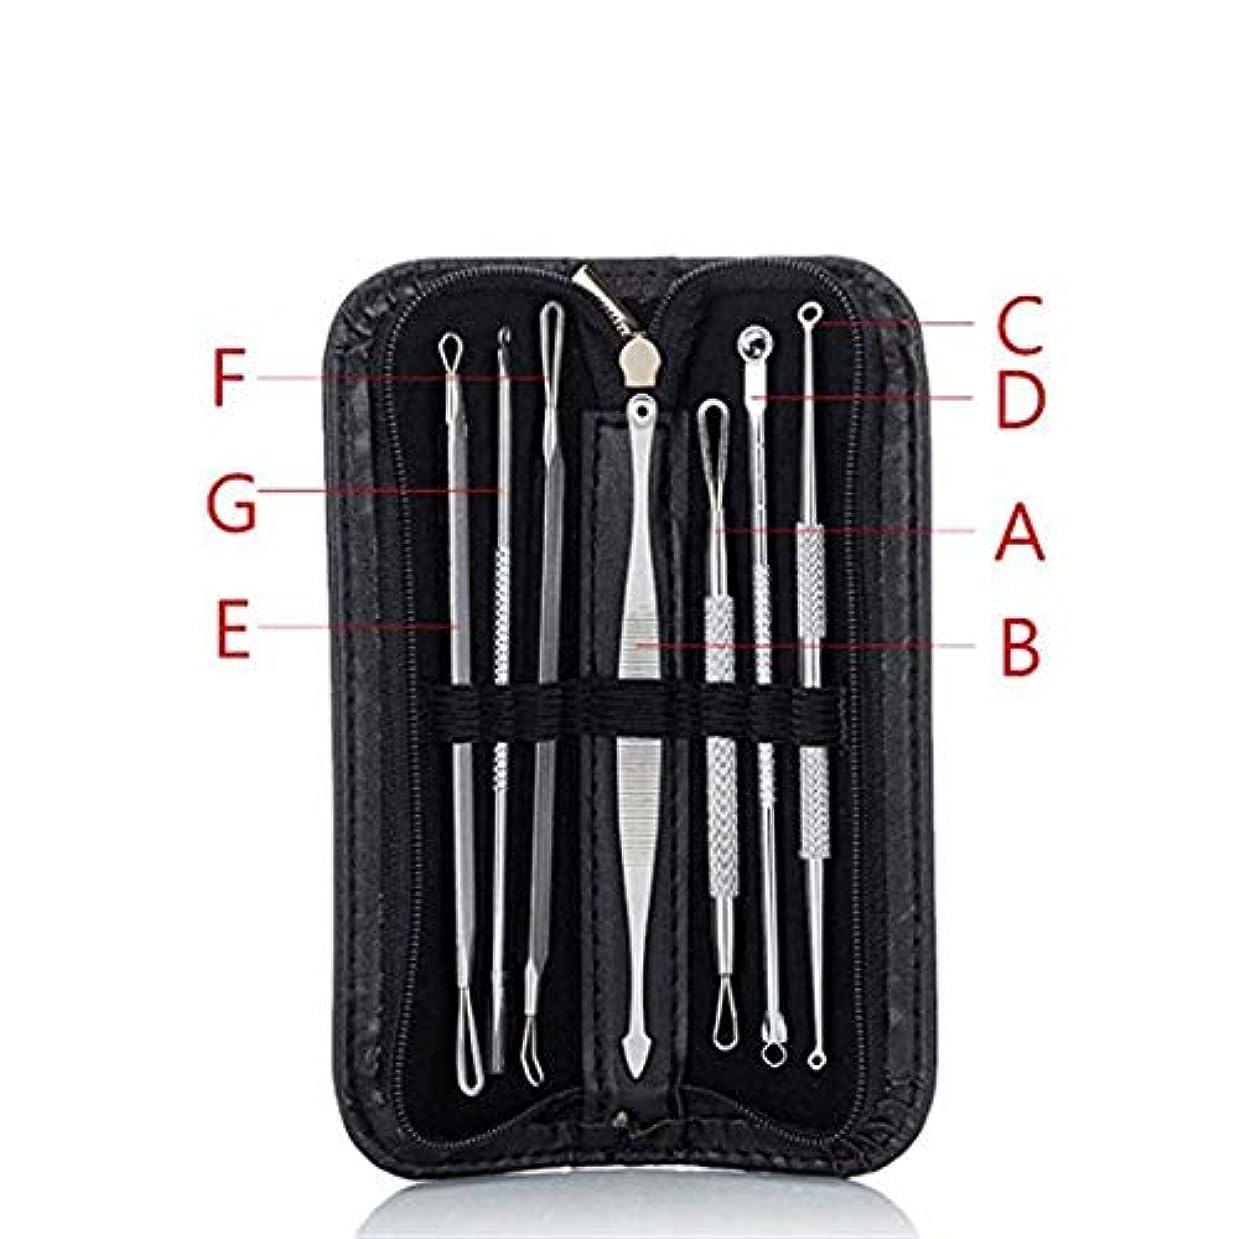 貸す消毒剤帰るKingsleyW 7-PCS PimpleExtractor、Blackhead Blemish Acne Zit Removal Tool(リスクフリーノーズフェイス) - ローズゴールドピンセットキット (色 :...